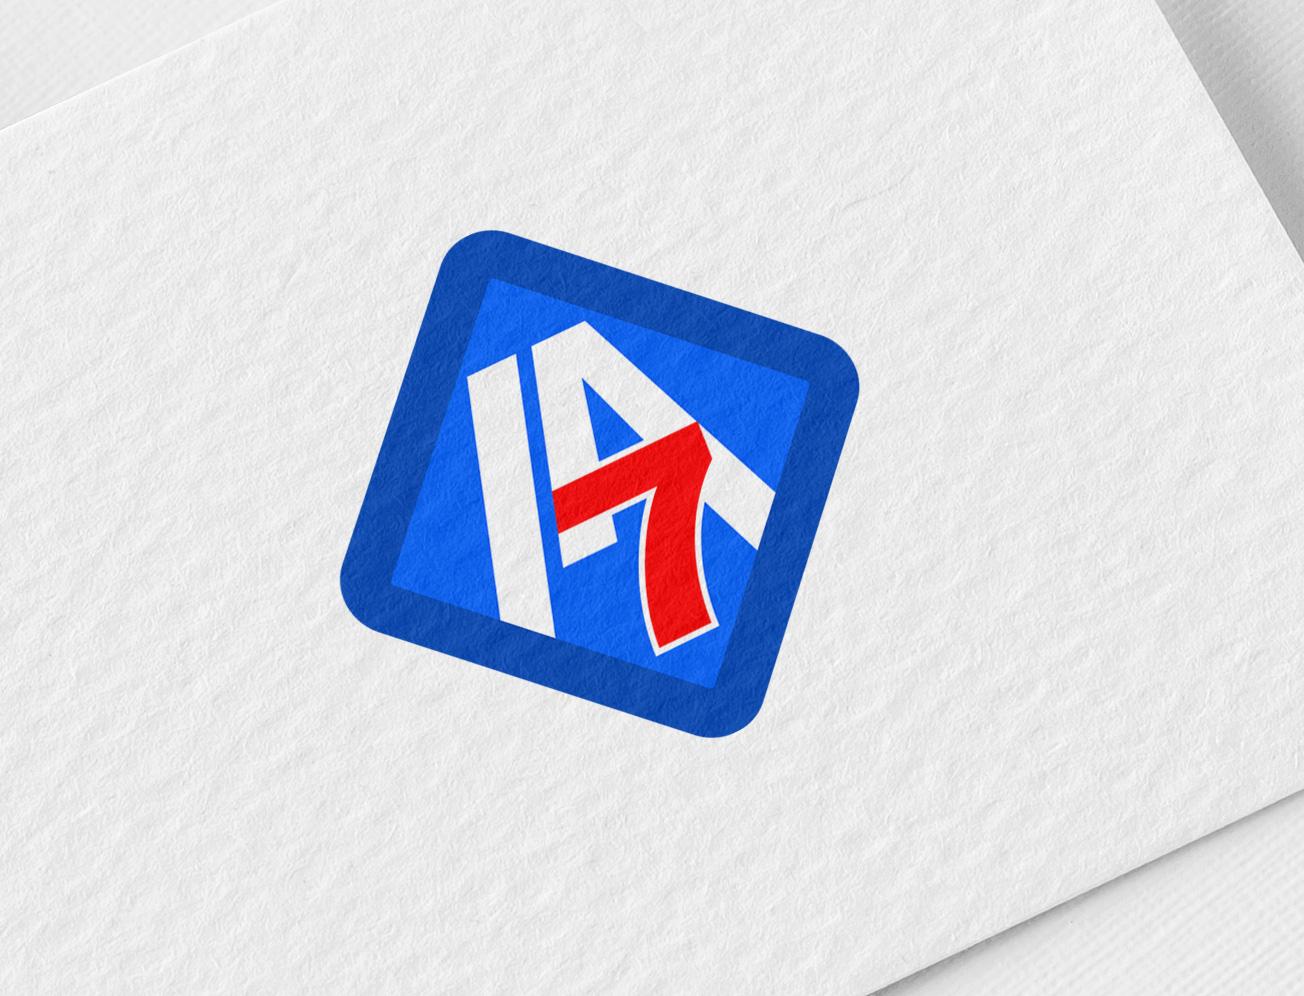 Личный логотип хоккеиста